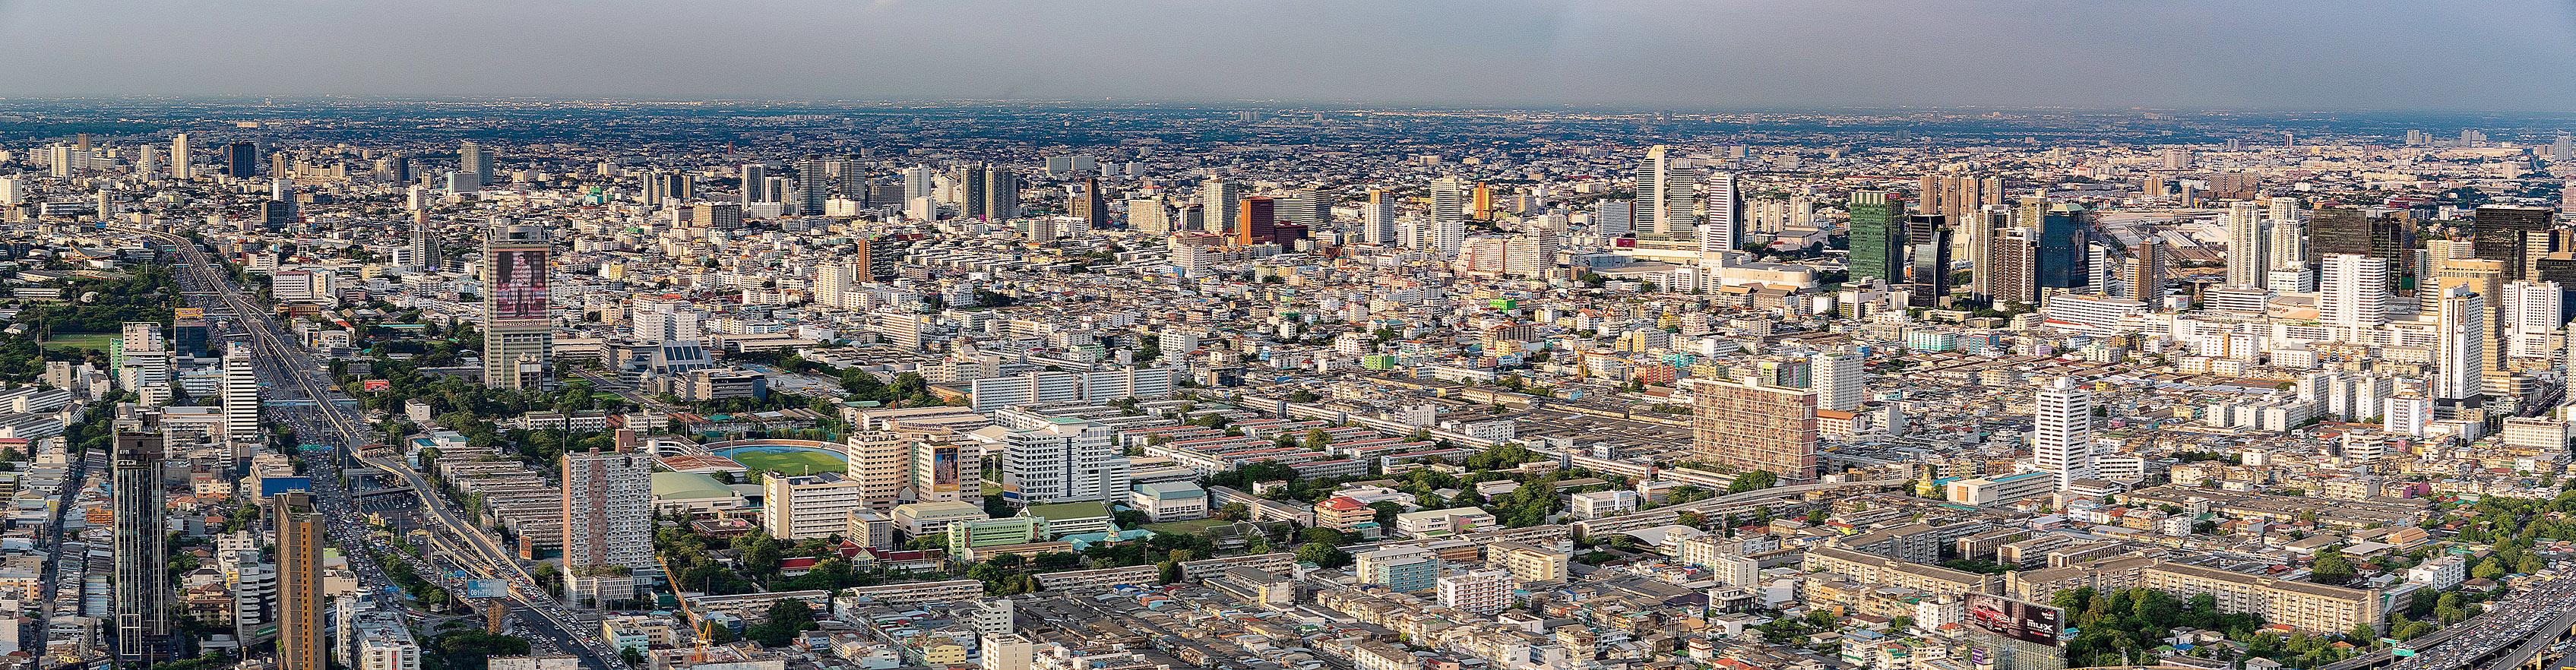 Bangkok Panorama 00 sm by Old Pink.jpg